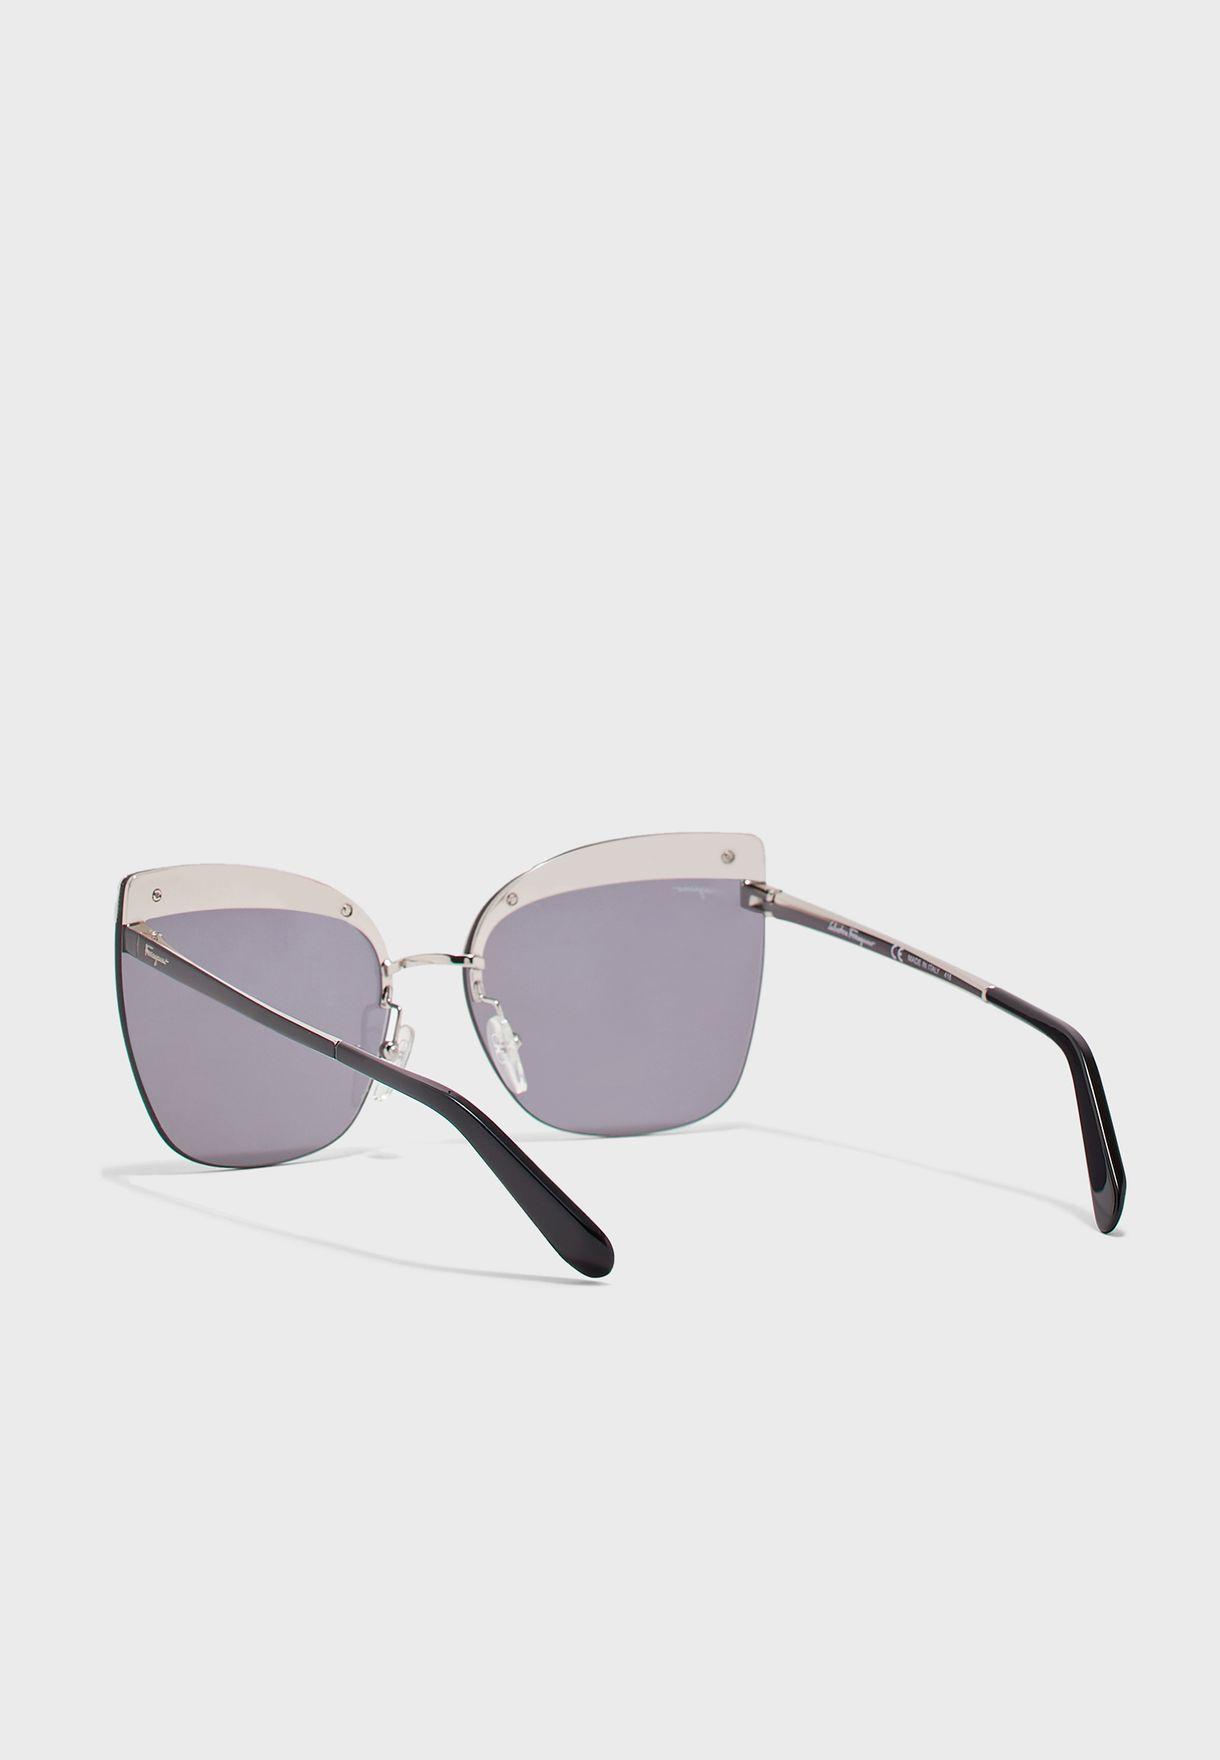 نظارات شمسية كبيرة